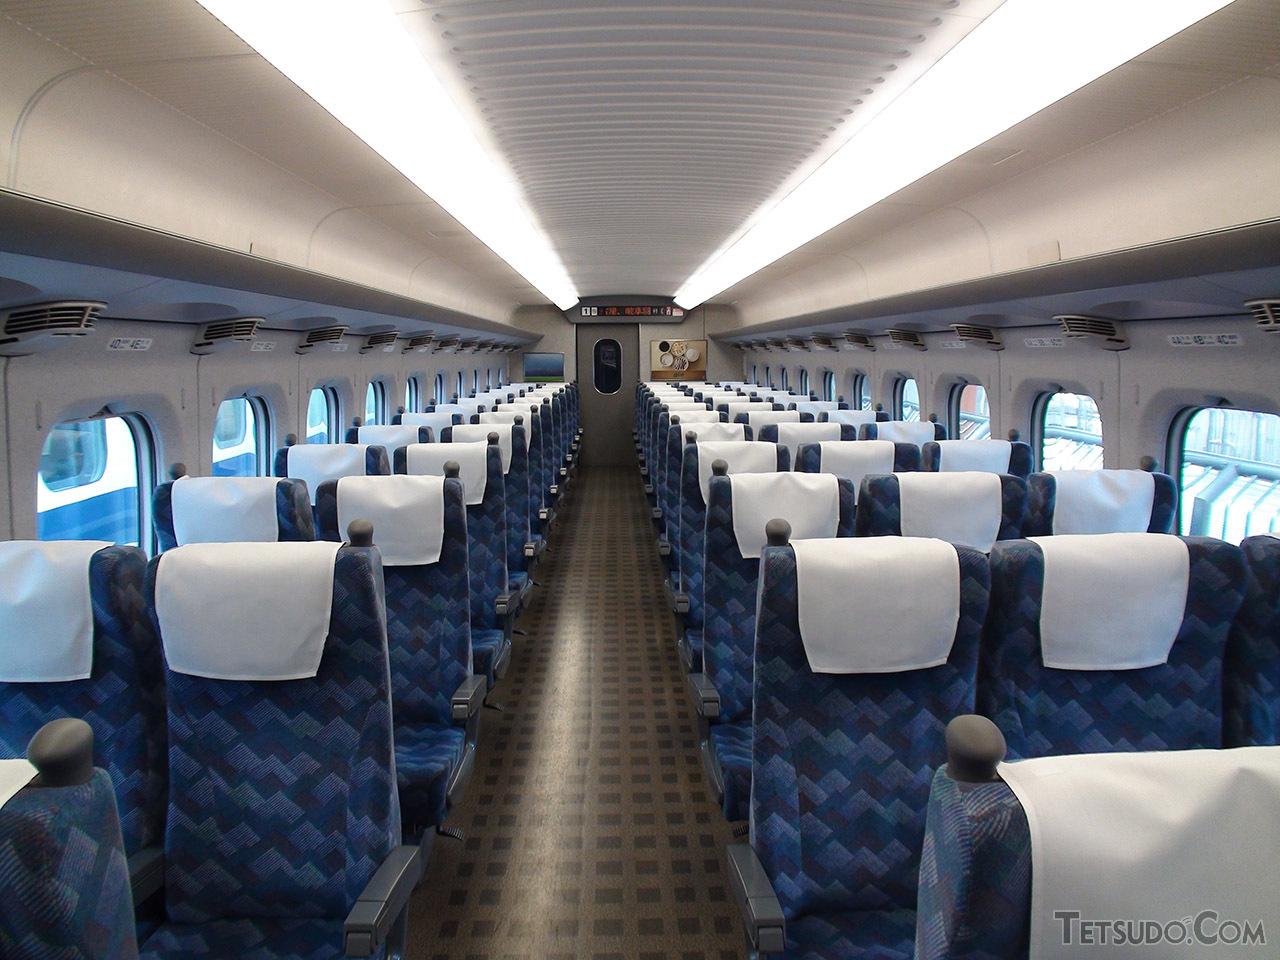 ブルー系のシートモケットと、シンプルな直接照明で明るい雰囲気になったC編成の普通車。空調の吹き出し口も、天井付近に設けられていた300系は空調の効きが悪いと言われたことから各座席の上に設置された